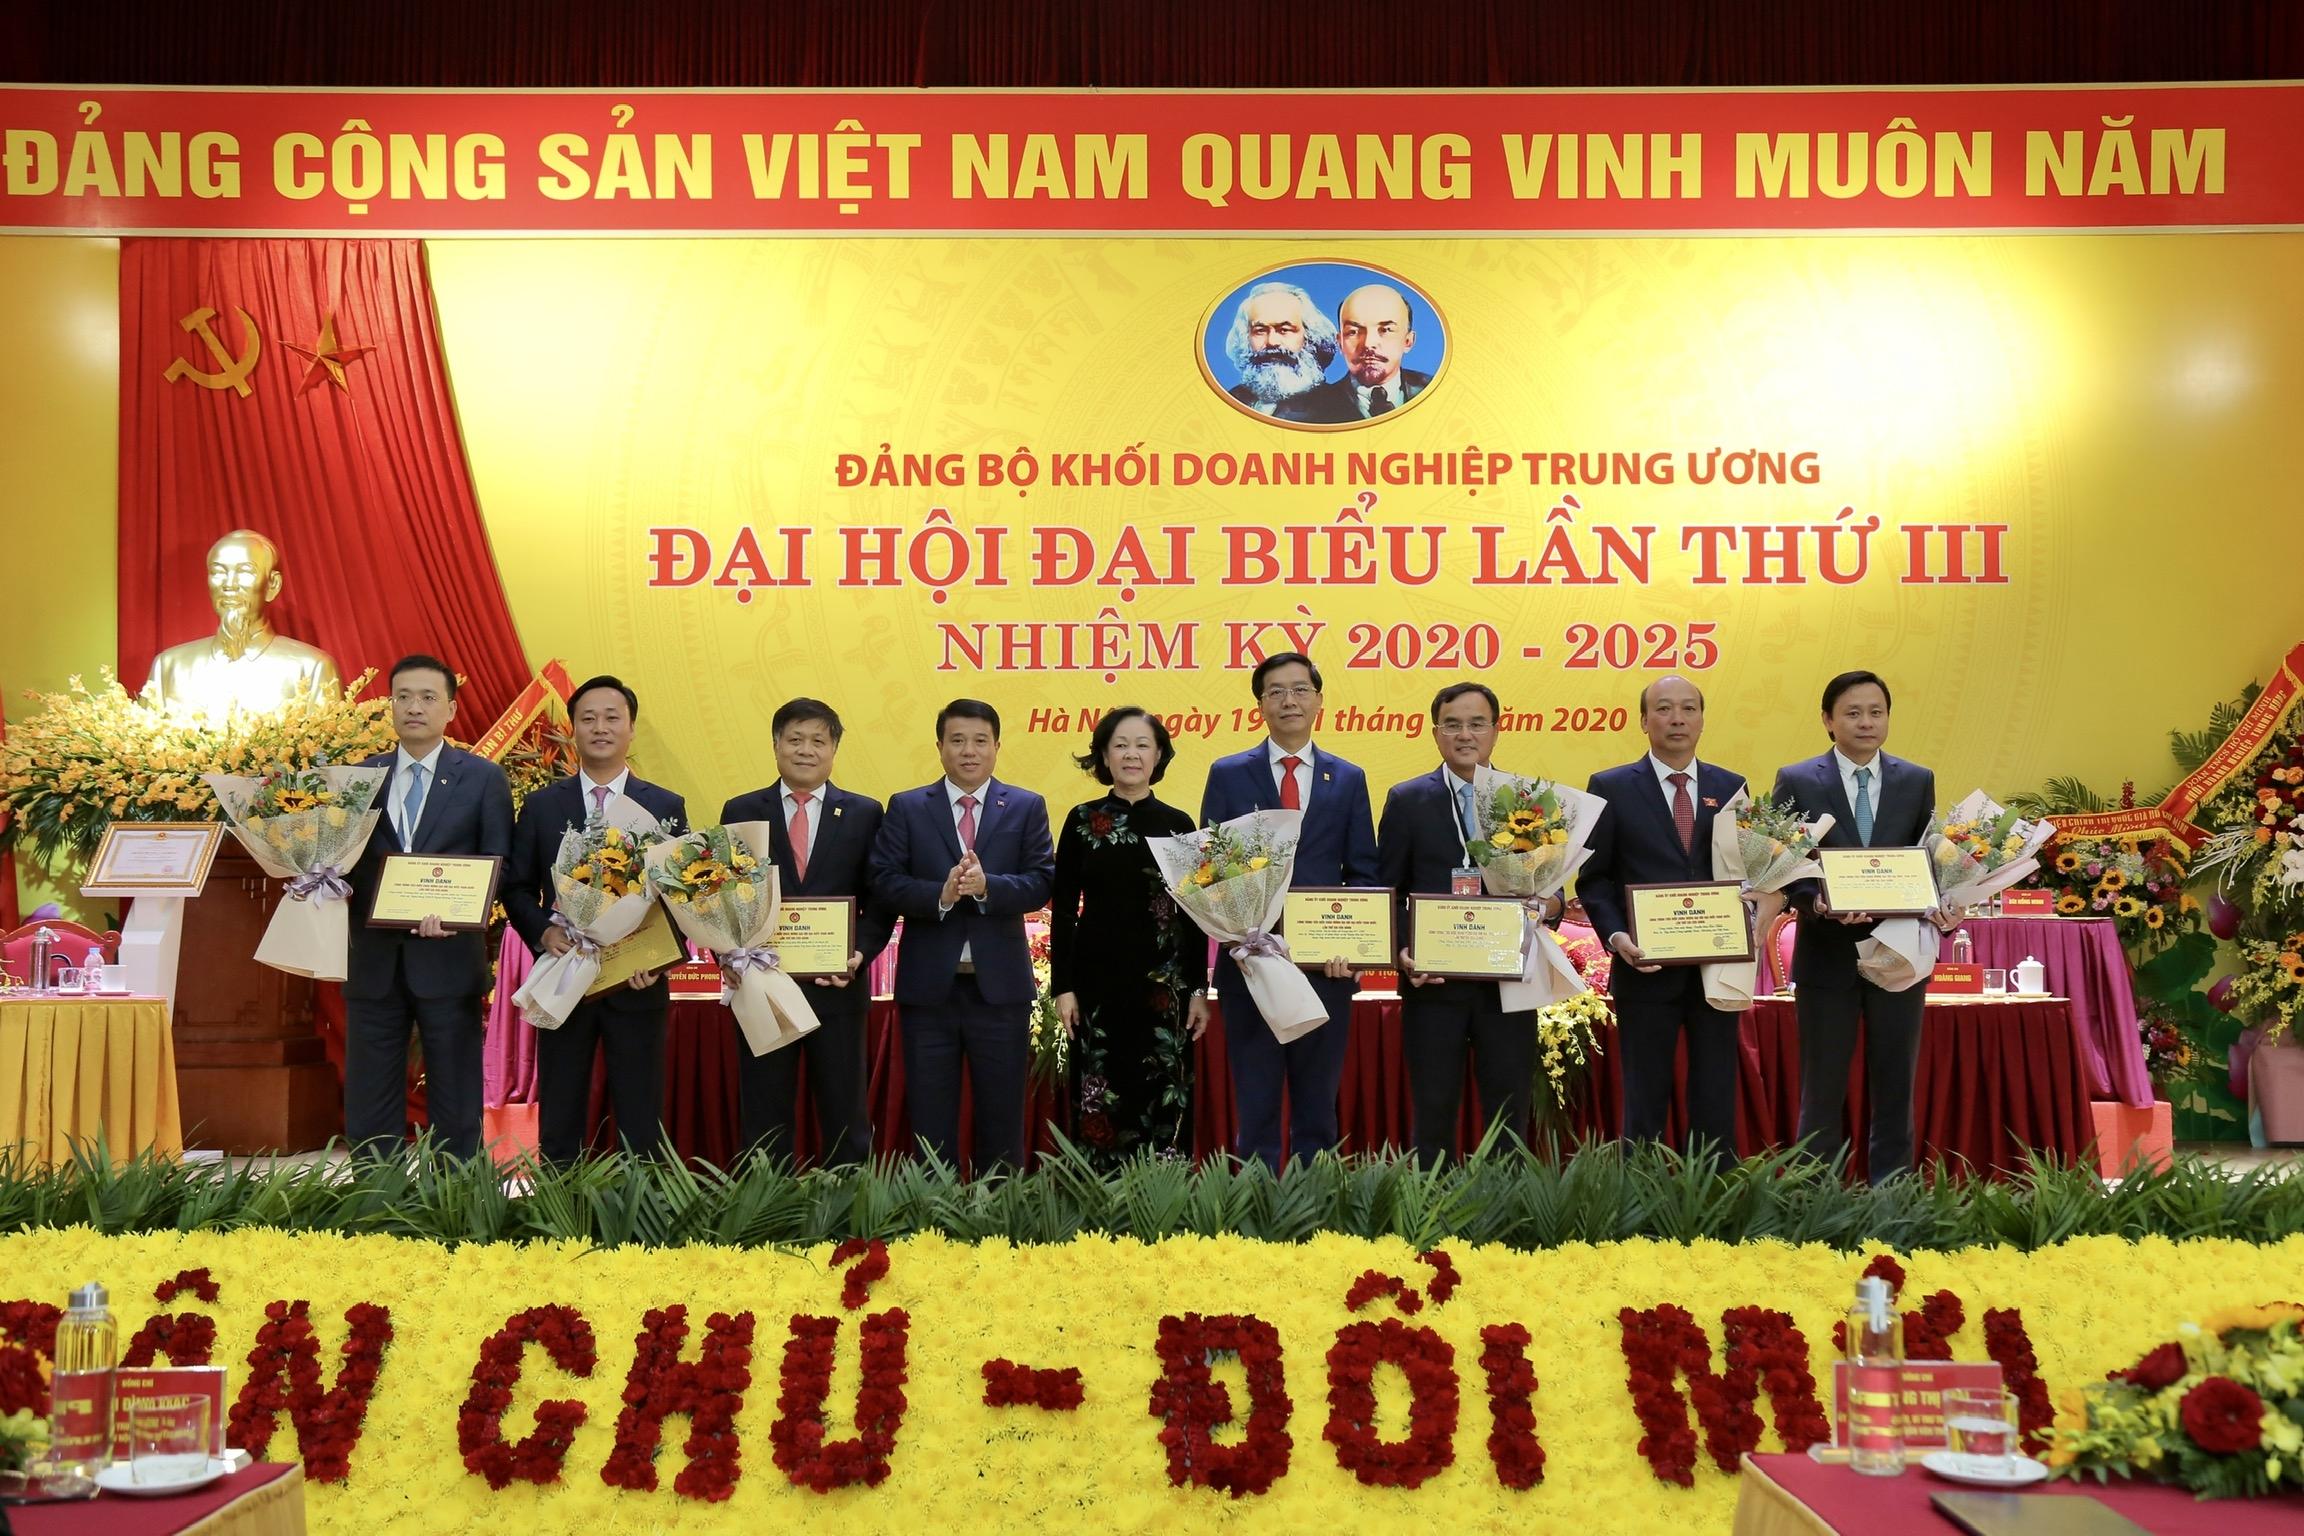 Đại hội đại biểu Đảng bộ Khối Doanh nghiệp Trung ương lần thứ III, nhiệm kỳ 2020   2025 thành công tốt đẹp